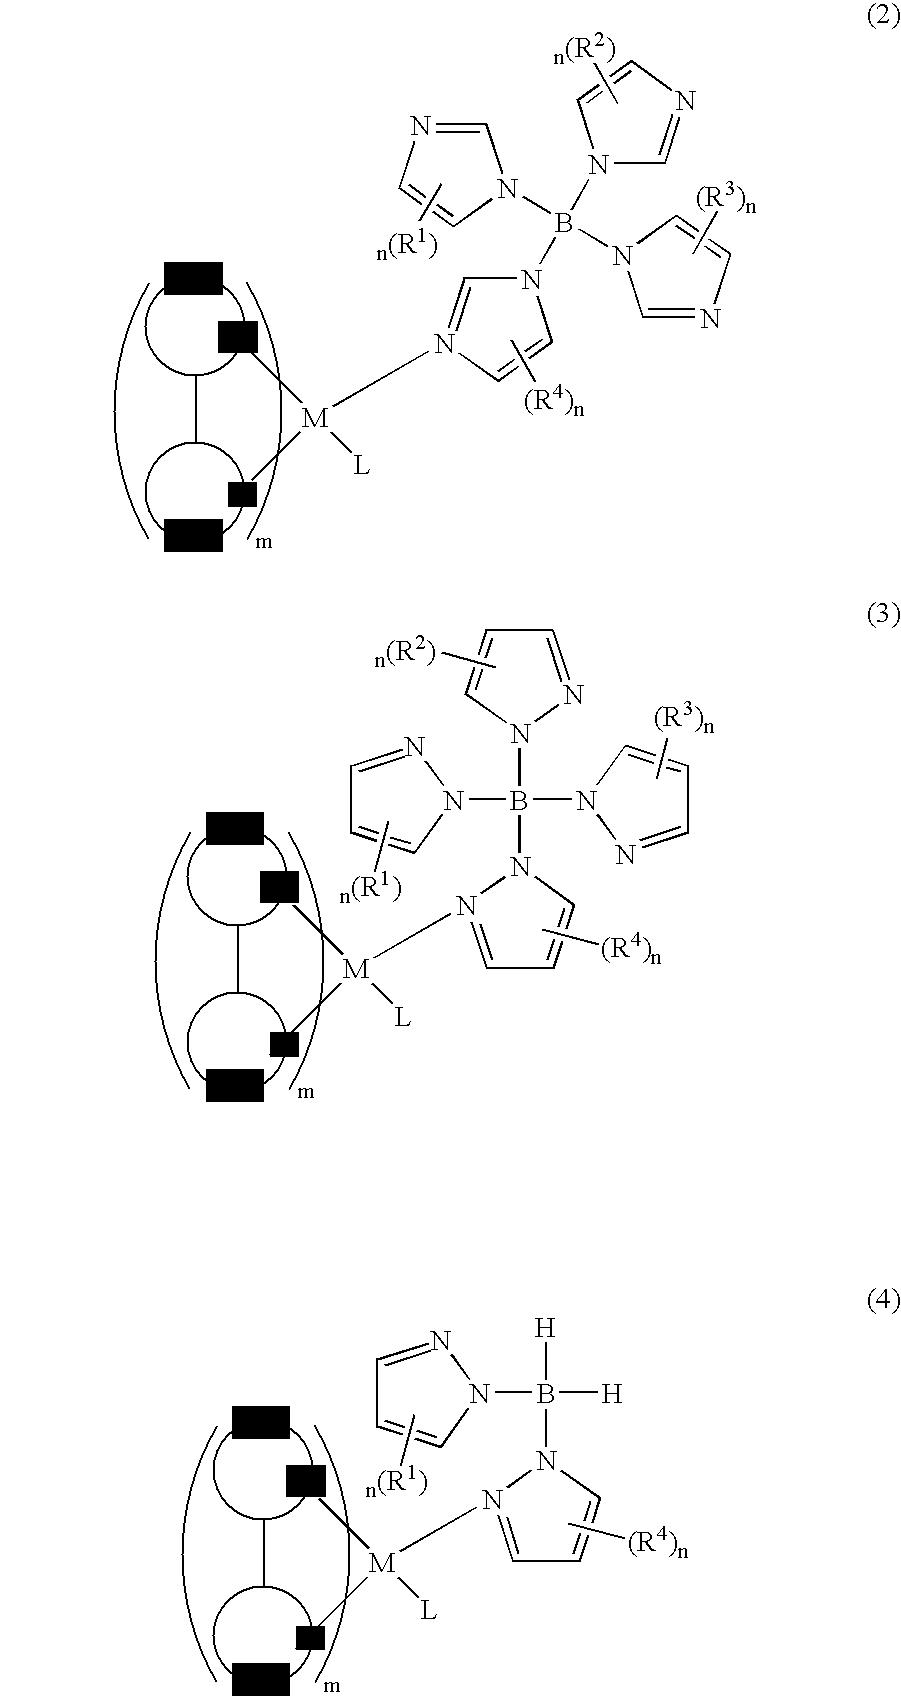 Figure US20060177695A1-20060810-C00026